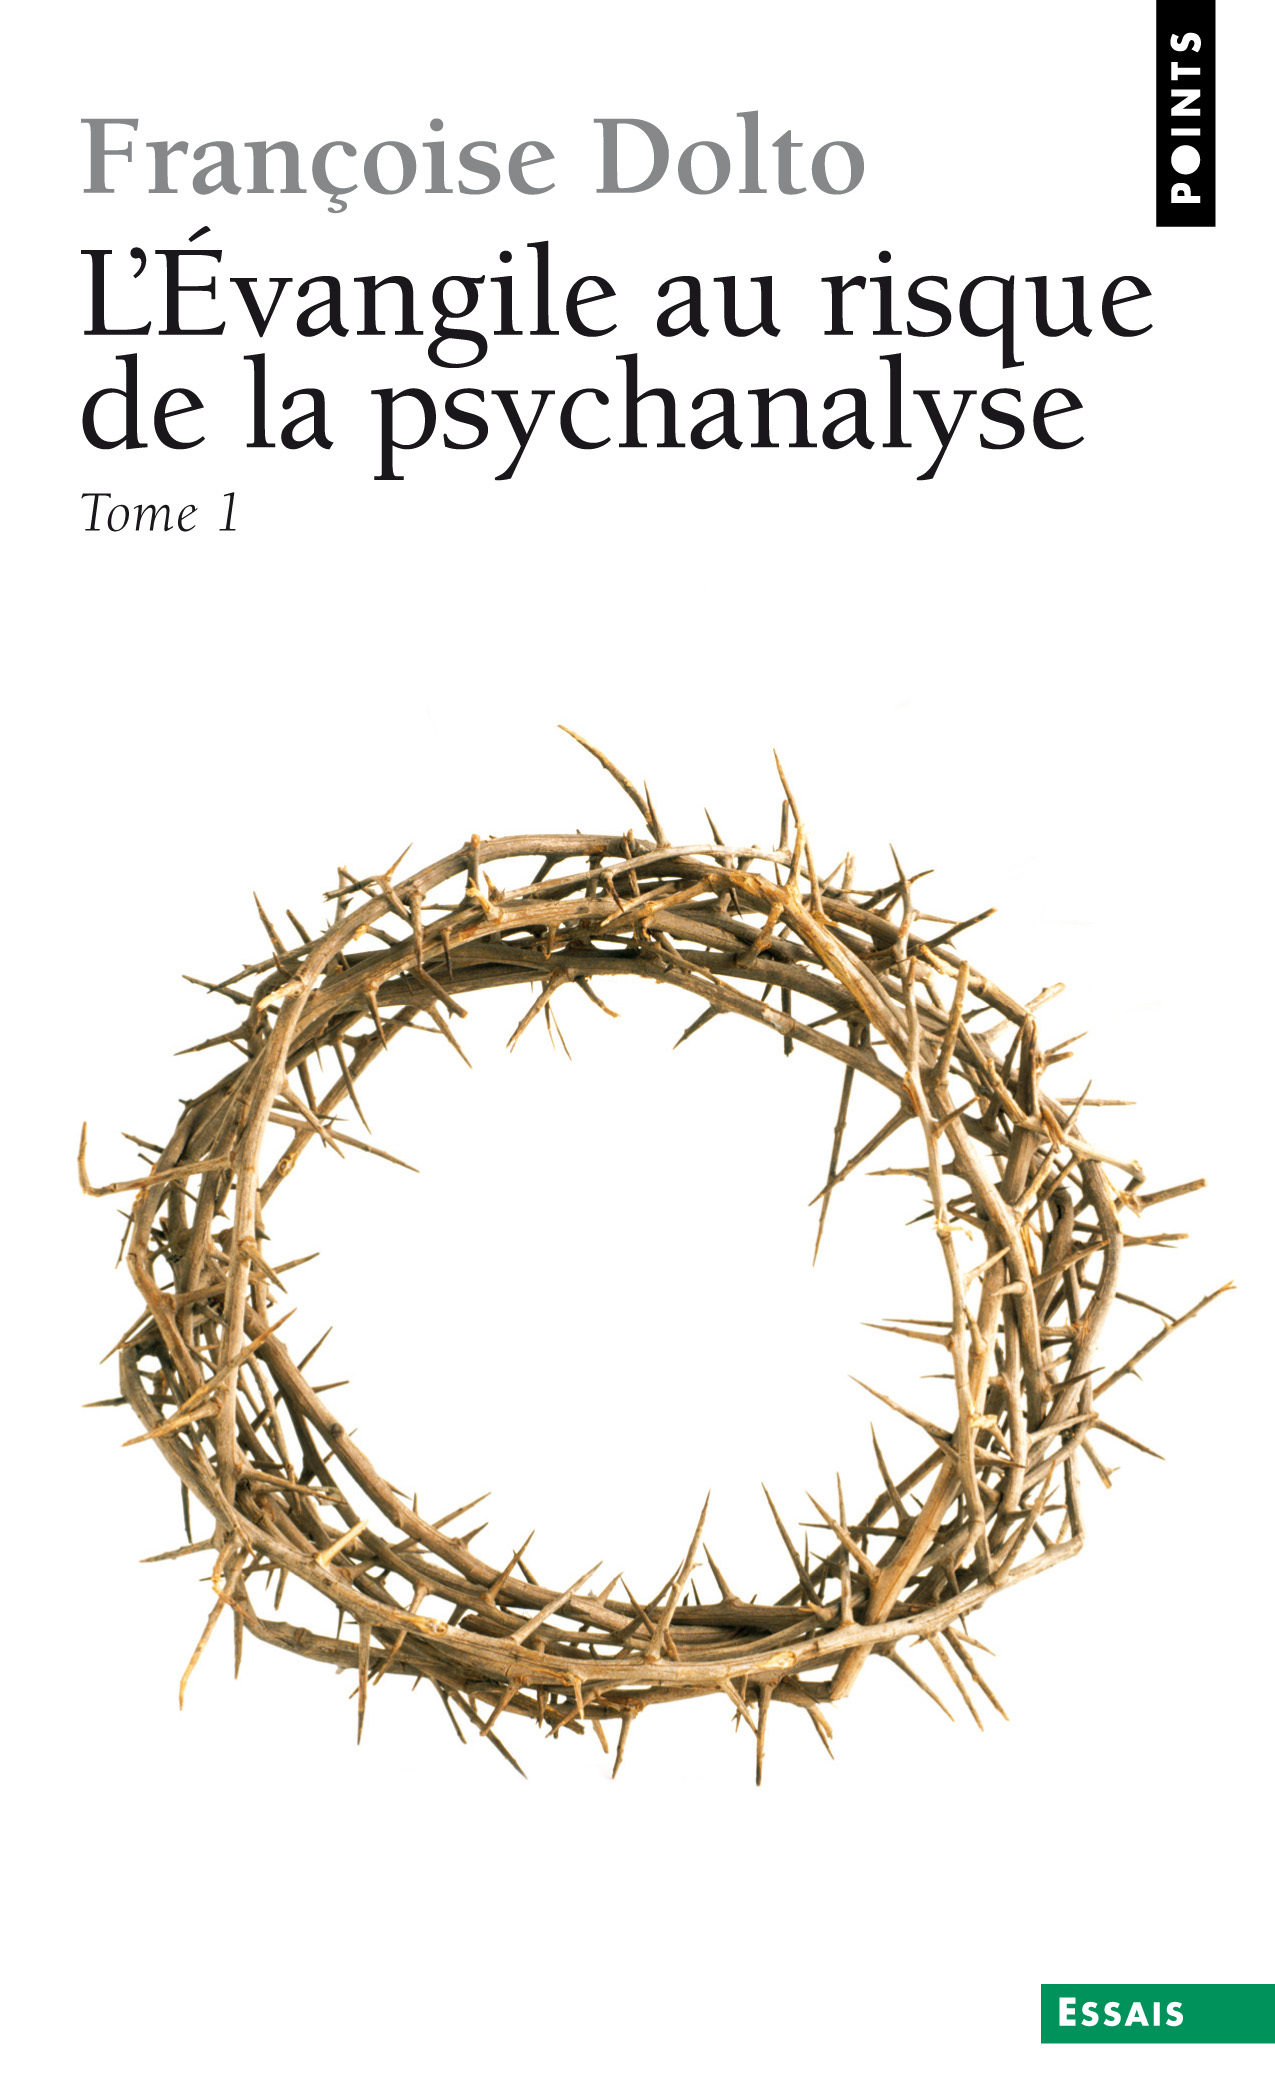 L'Evangile au risque de la psychanalyse